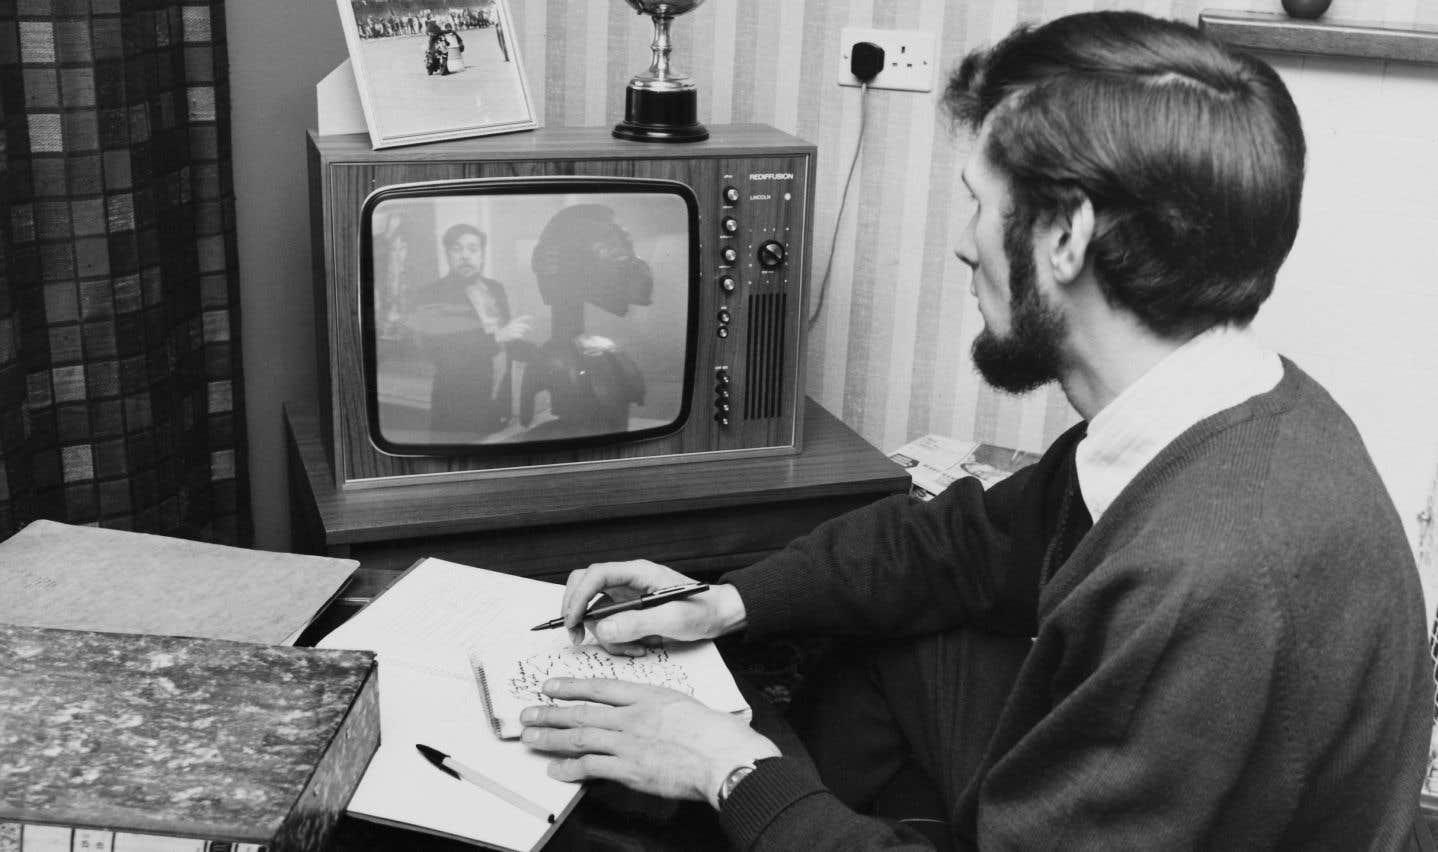 Un étudiant regarde une émission de l'Open University, en février 1971.